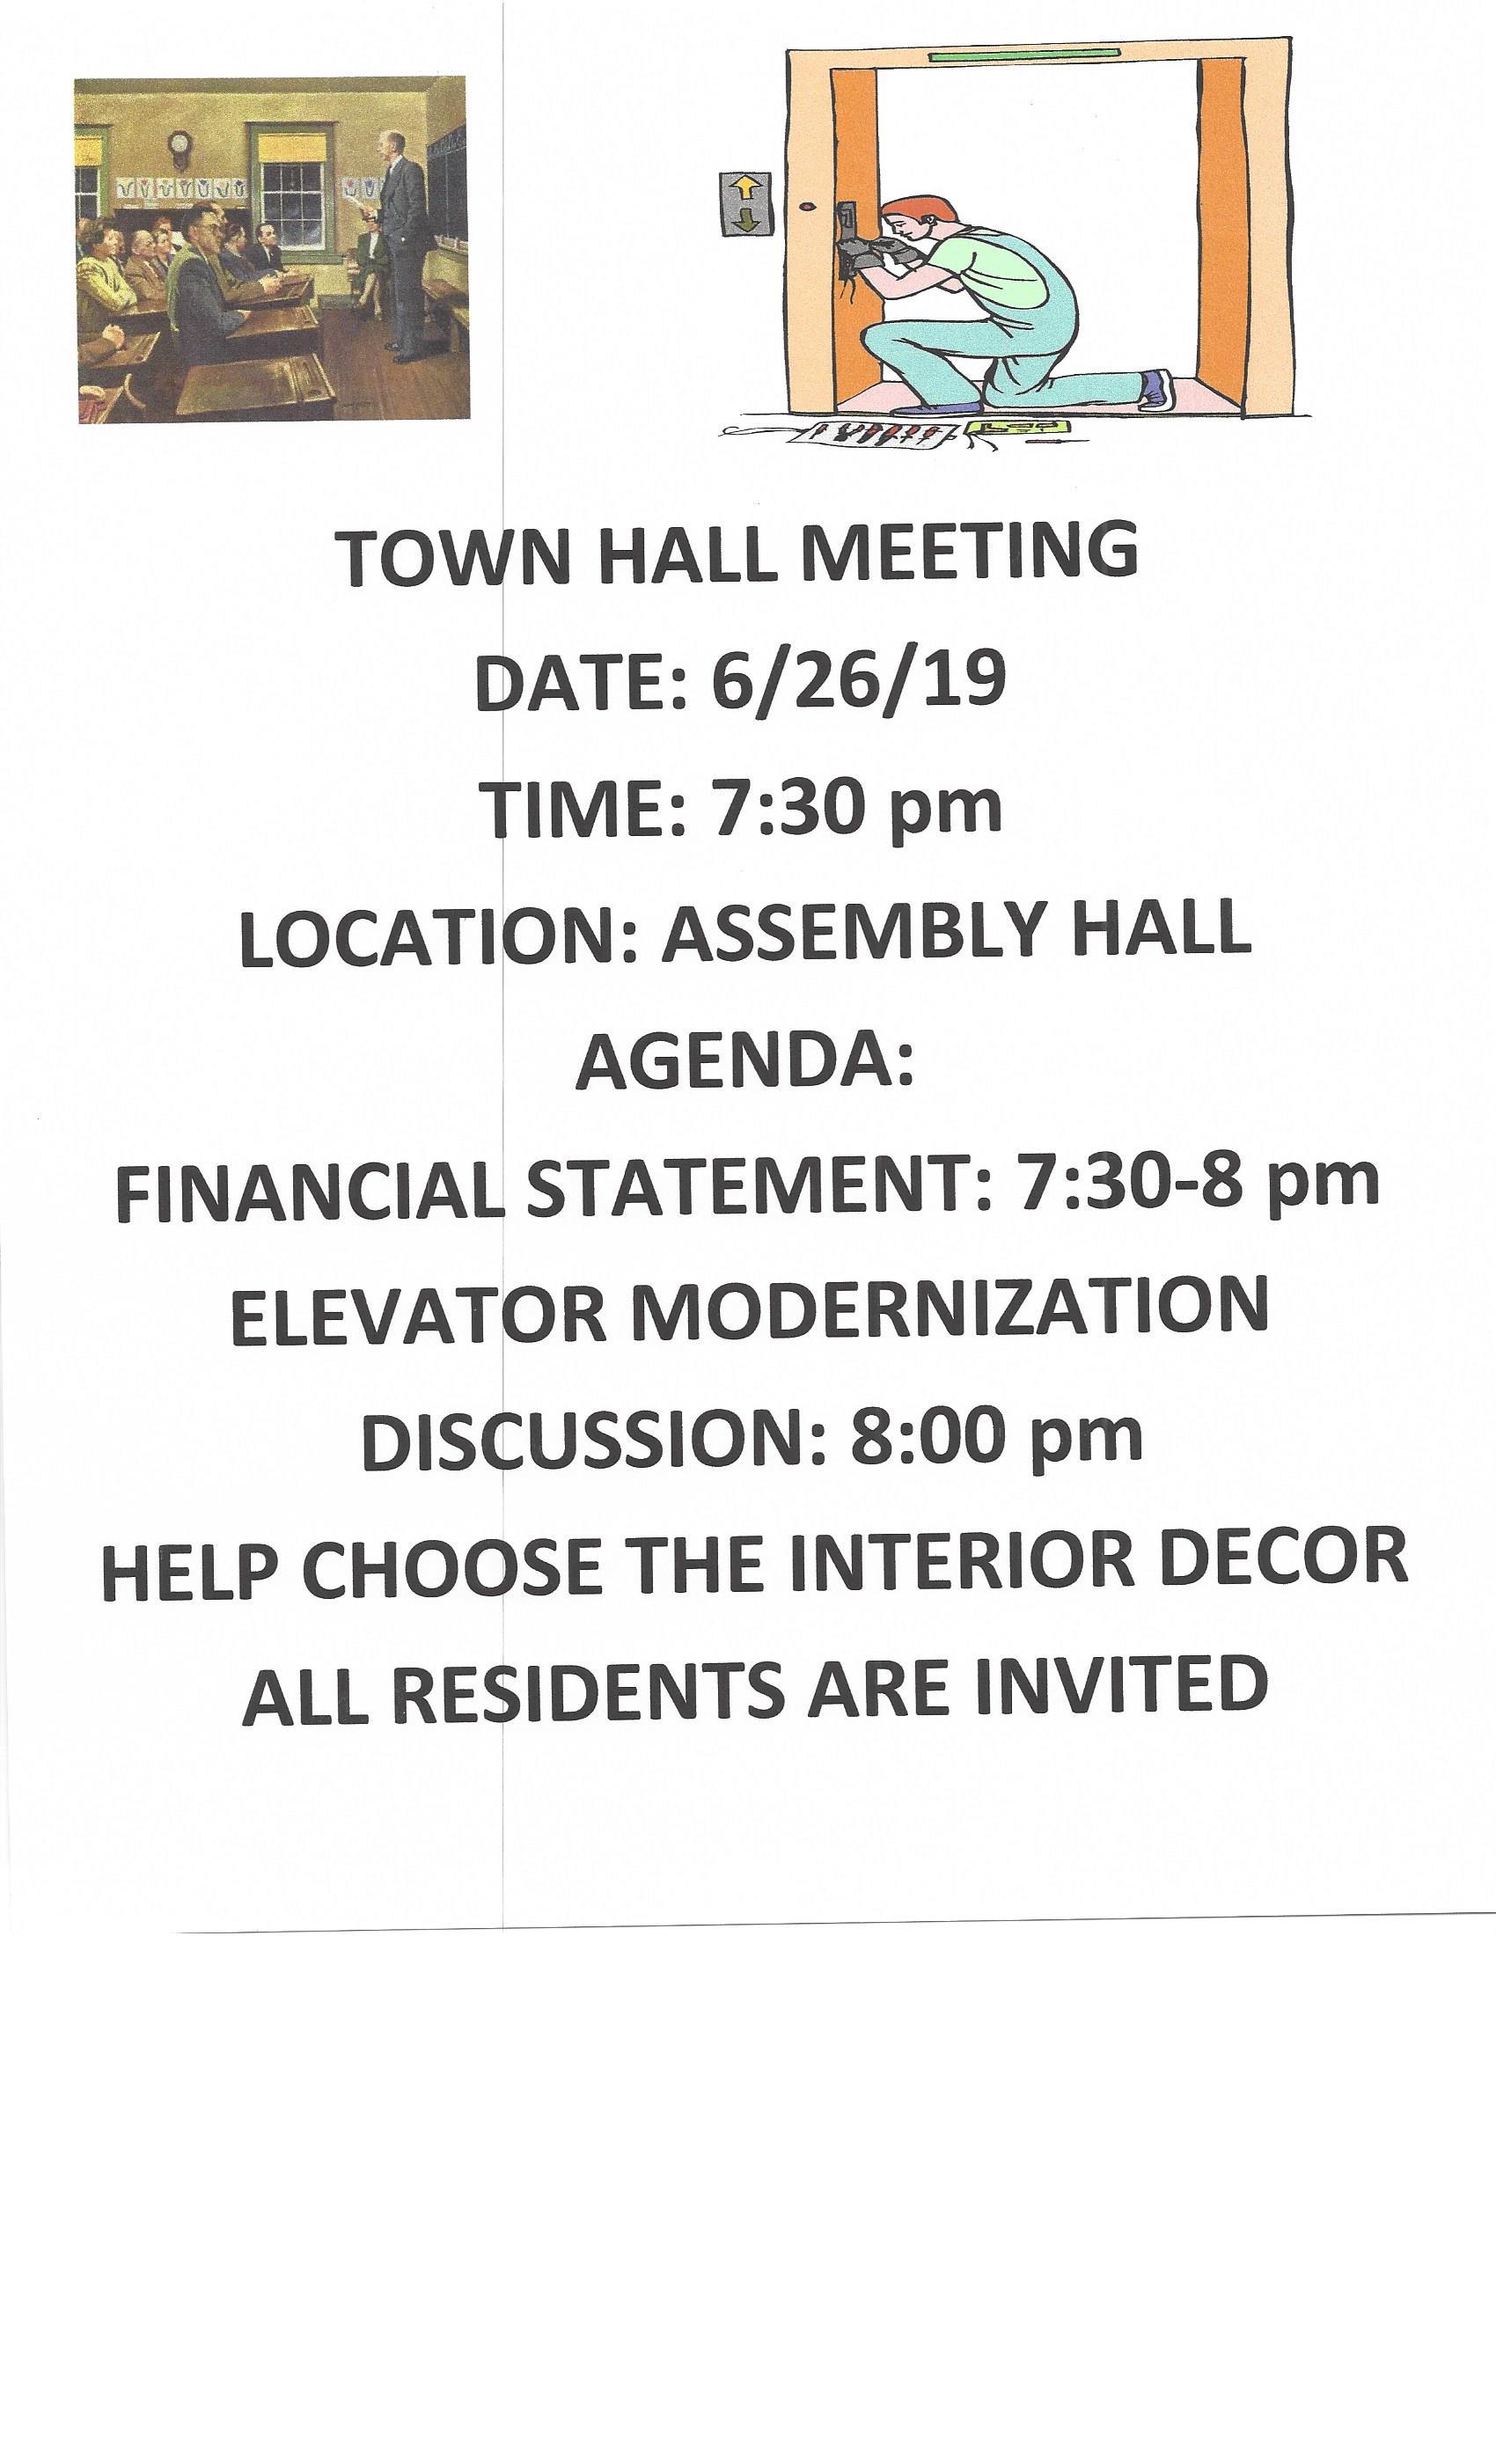 townhallmeeting6-26-19.jpg